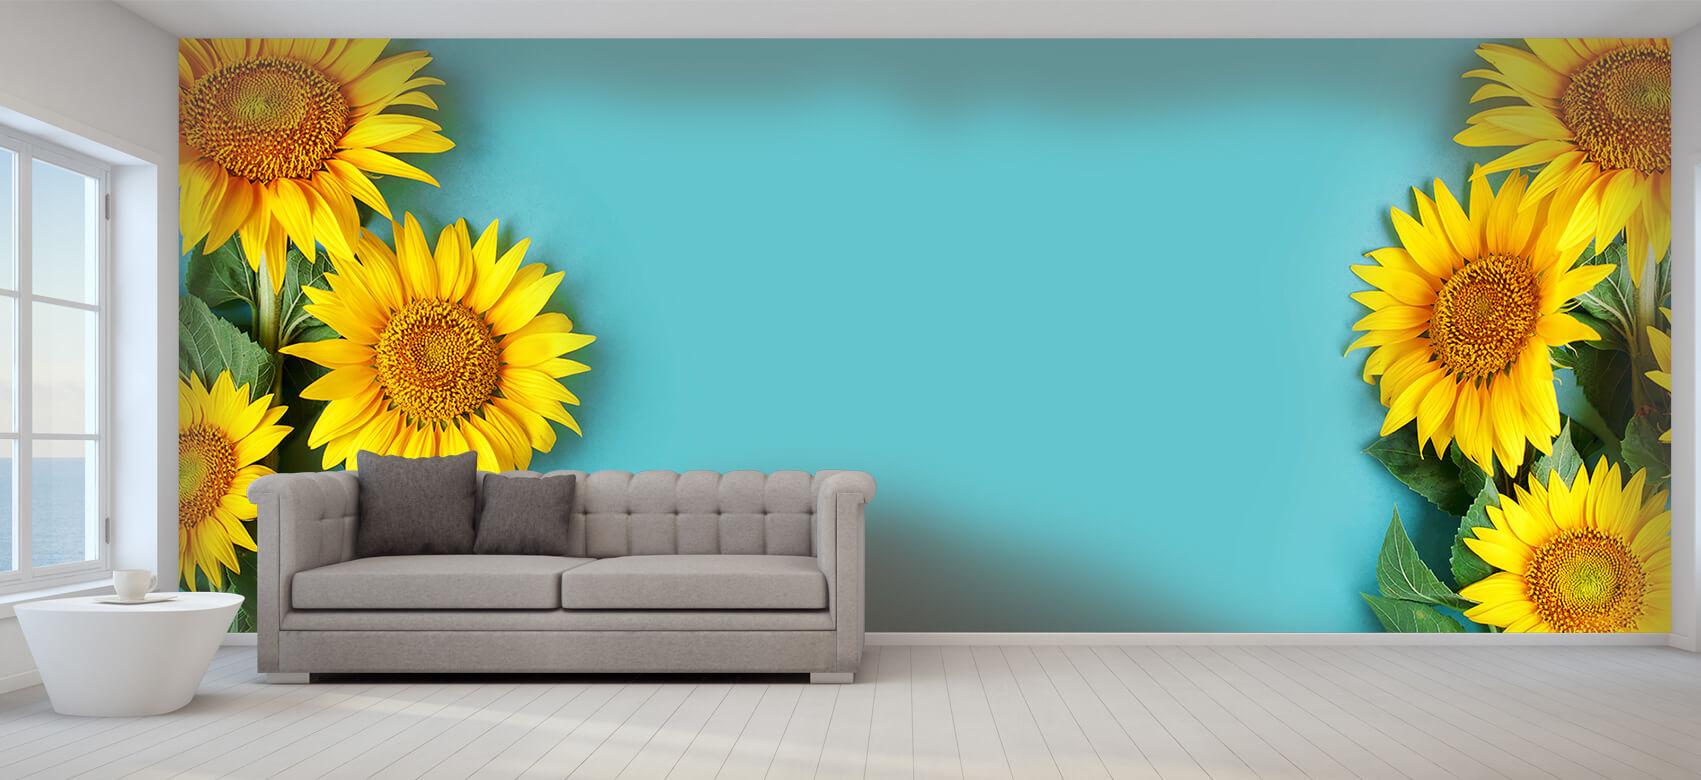 Bloemen, planten en bomen Zonnebloemen op blauwe achtergrond 9